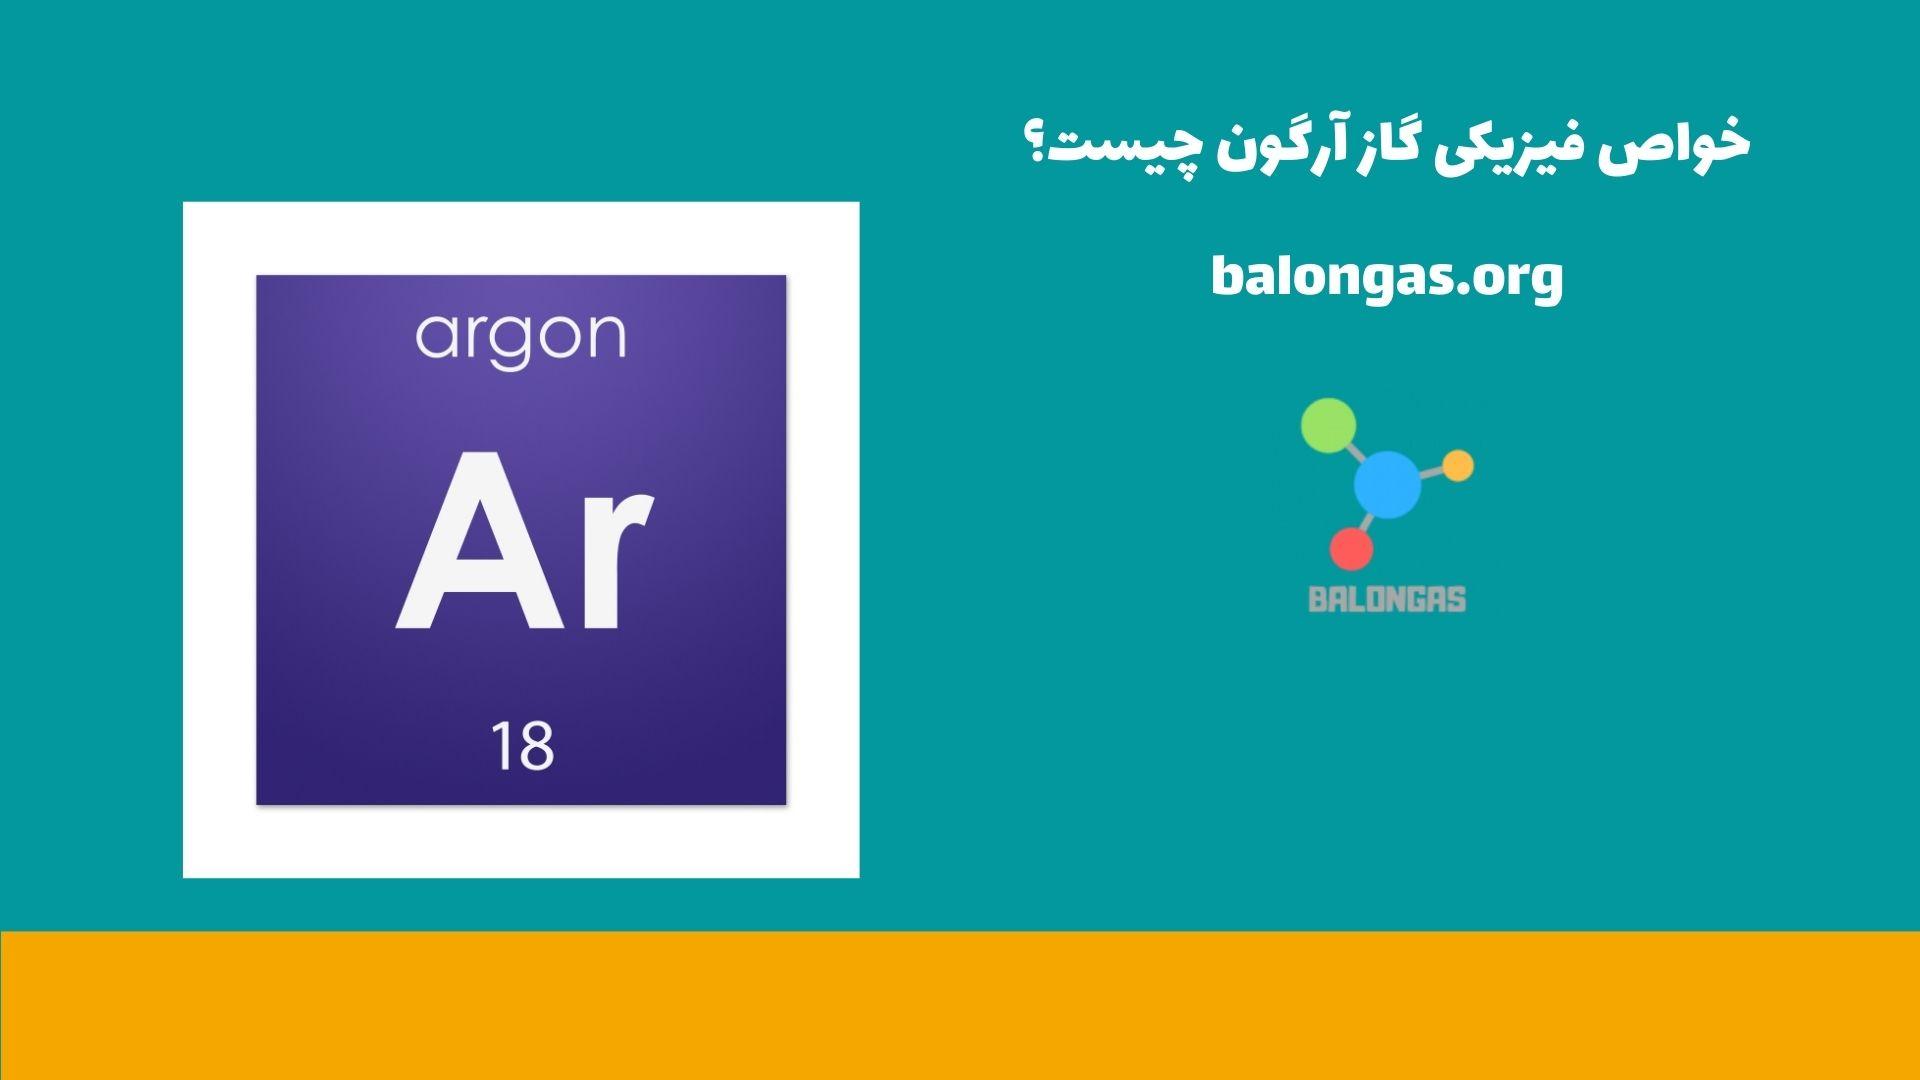 خواص فیزیکی گاز آرگون چیست؟